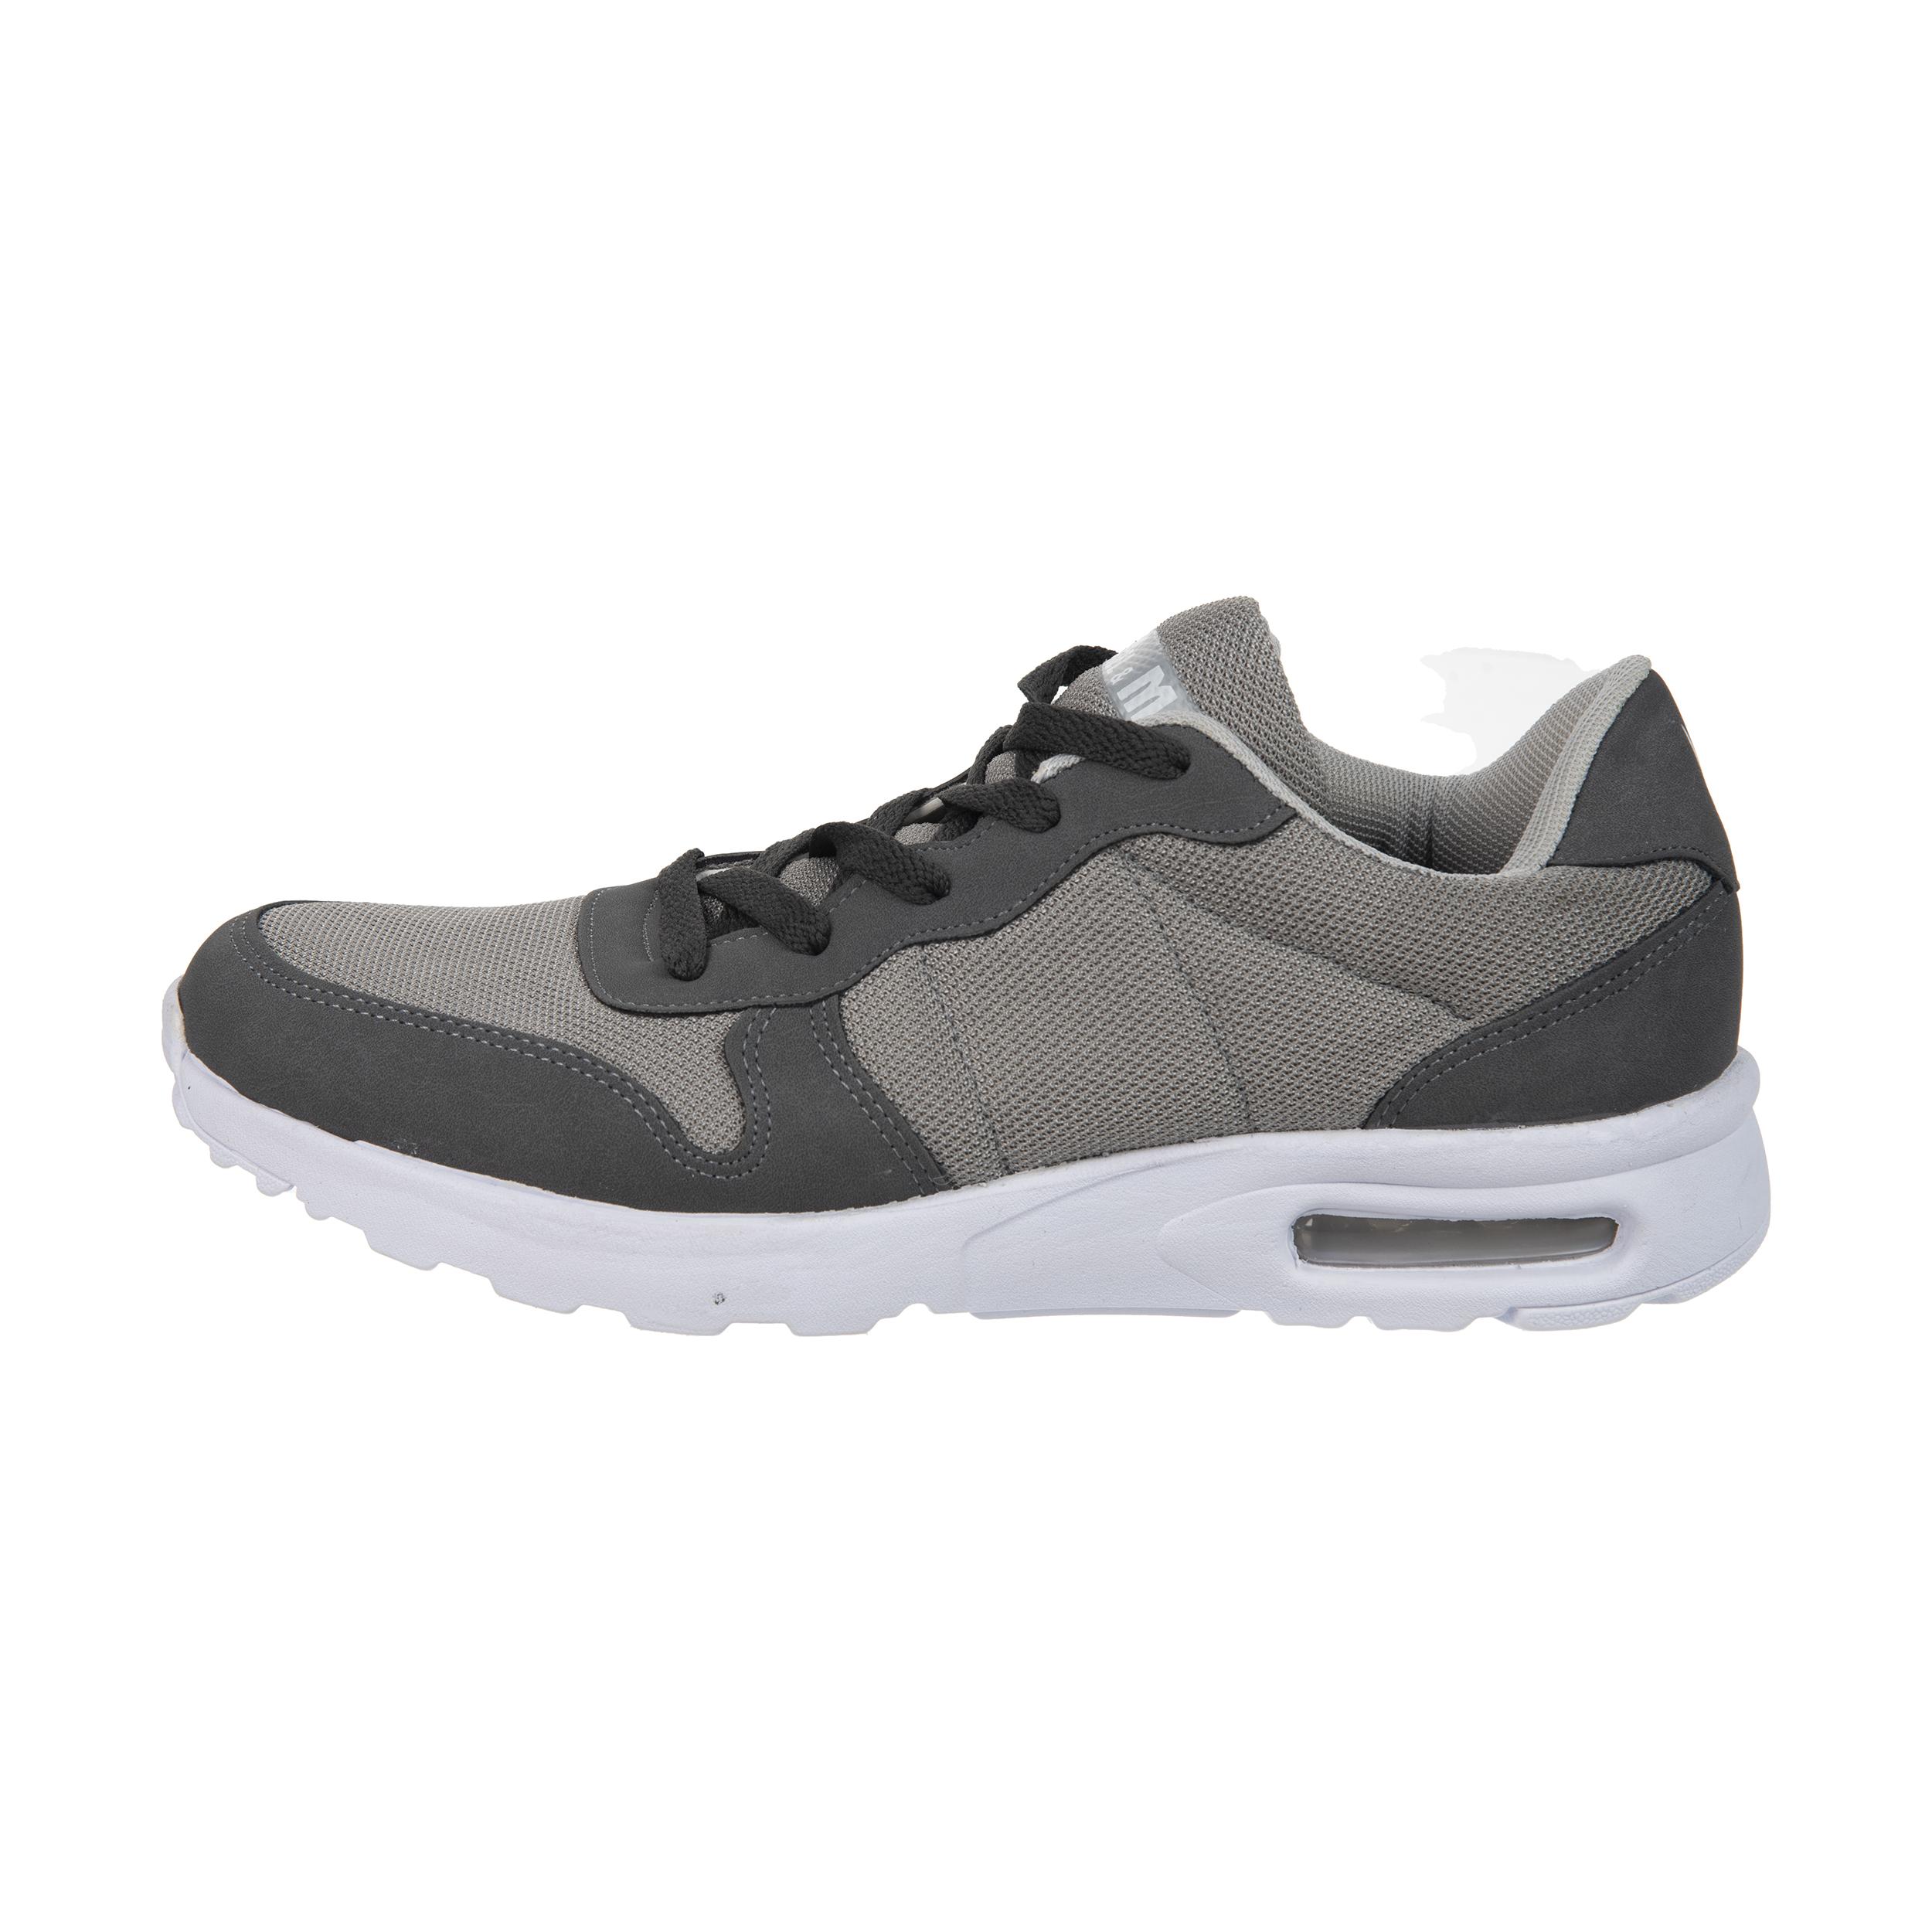 قیمت کفش مردانه مل اند موژ مدل M209-101